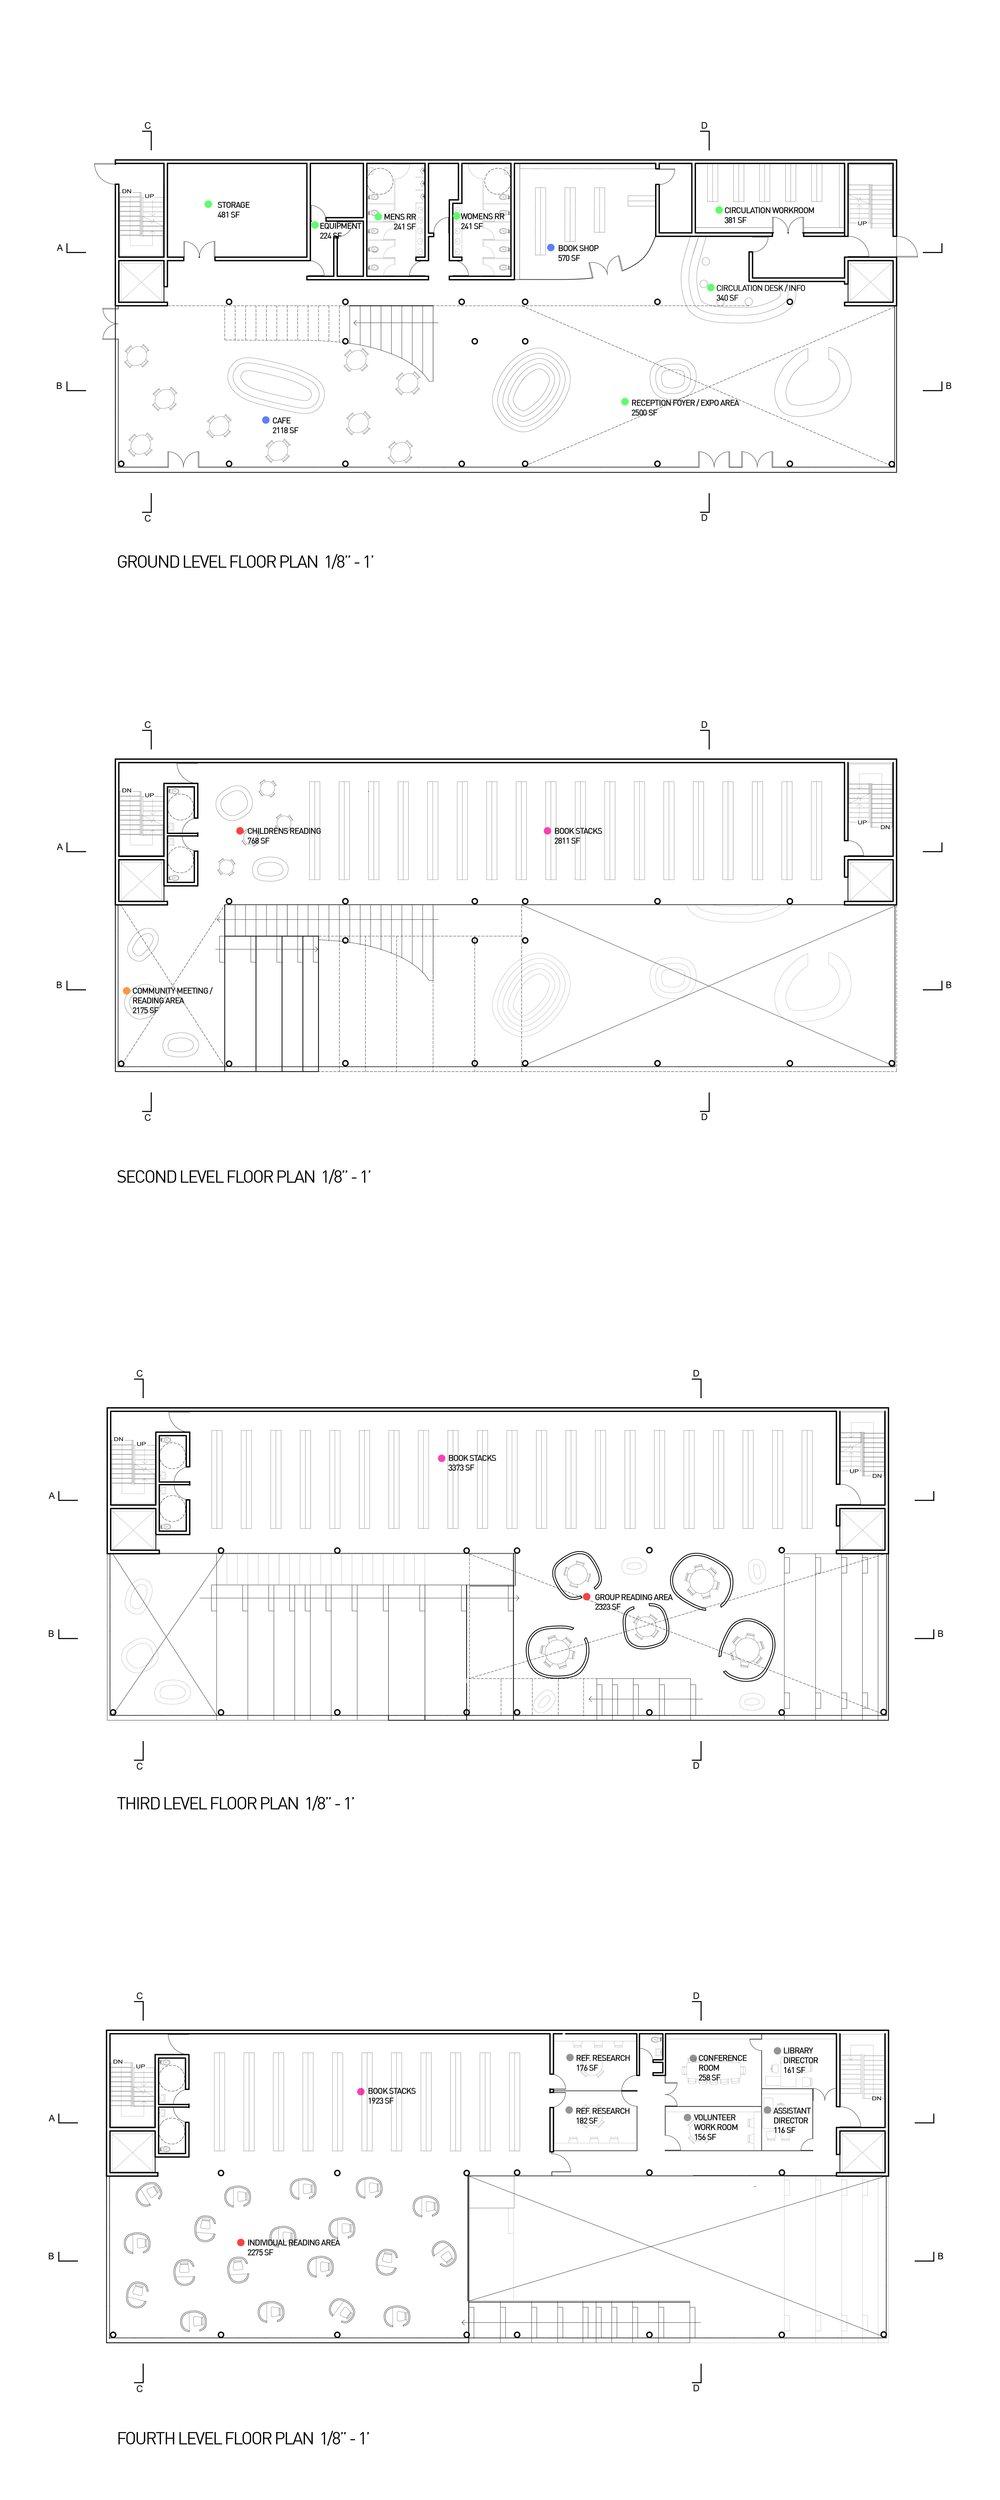 sheet-2-floor-plans-min.jpg